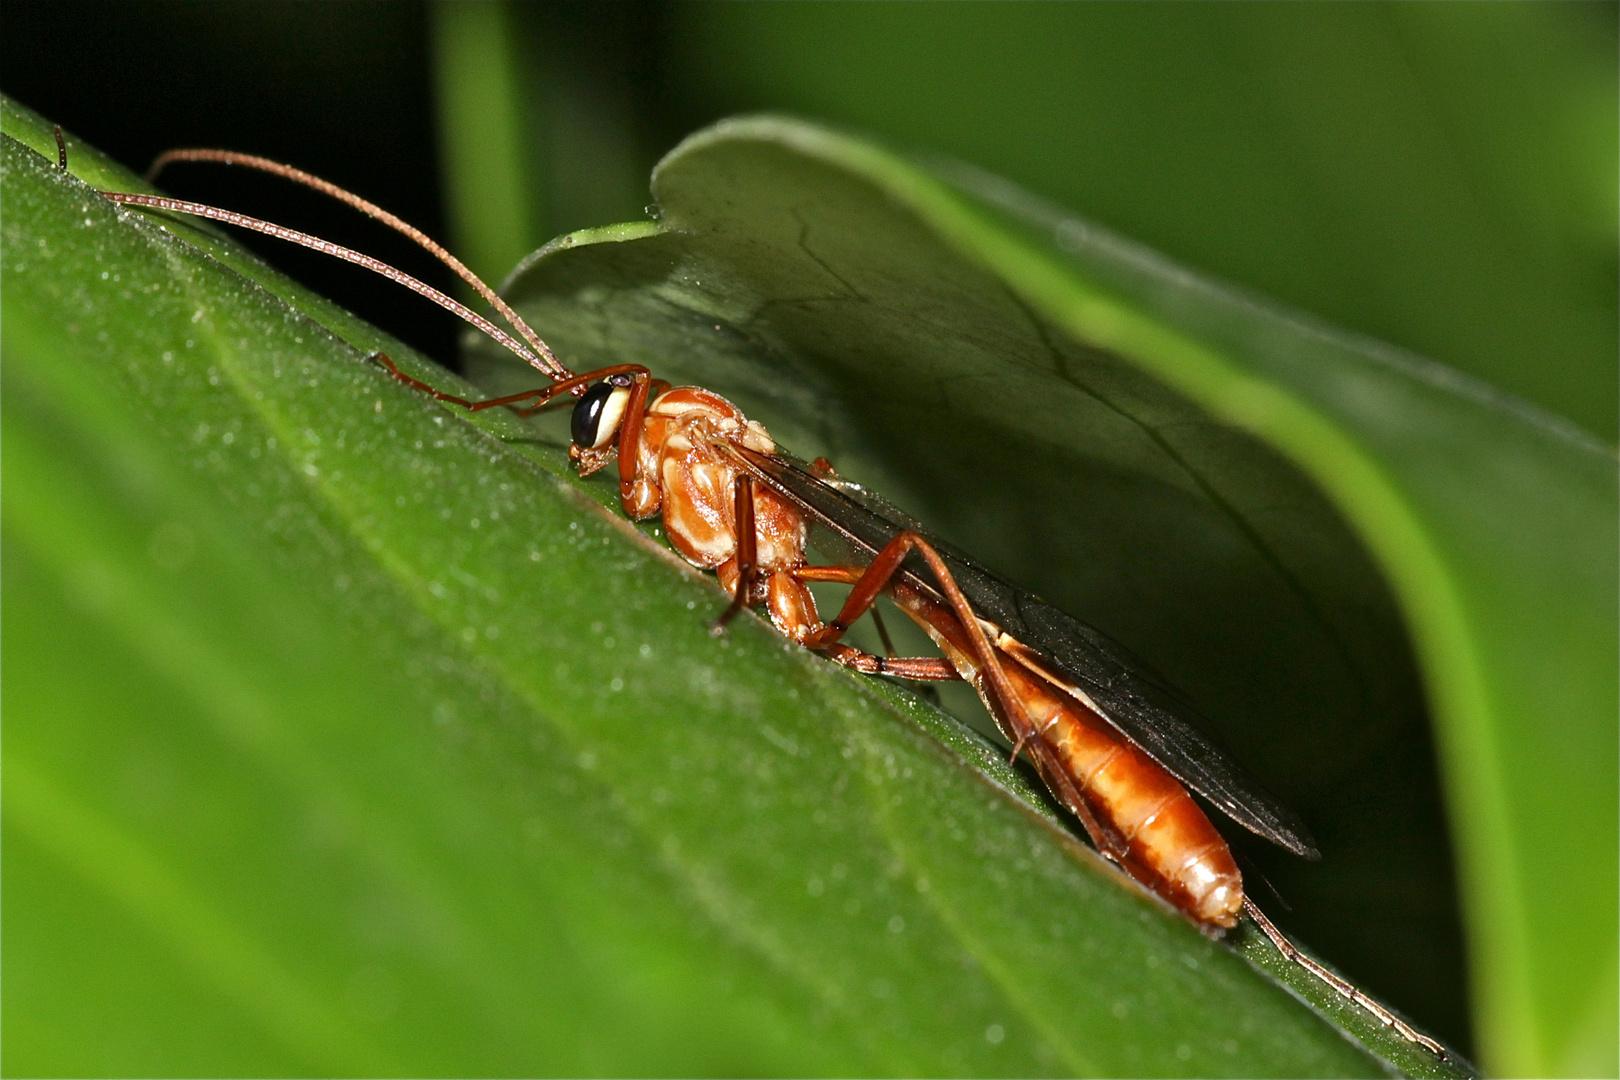 (1) Die etwa 2 cm lange Schlupfwespe Ophion obscuratus (Ichneumonidae), . . .